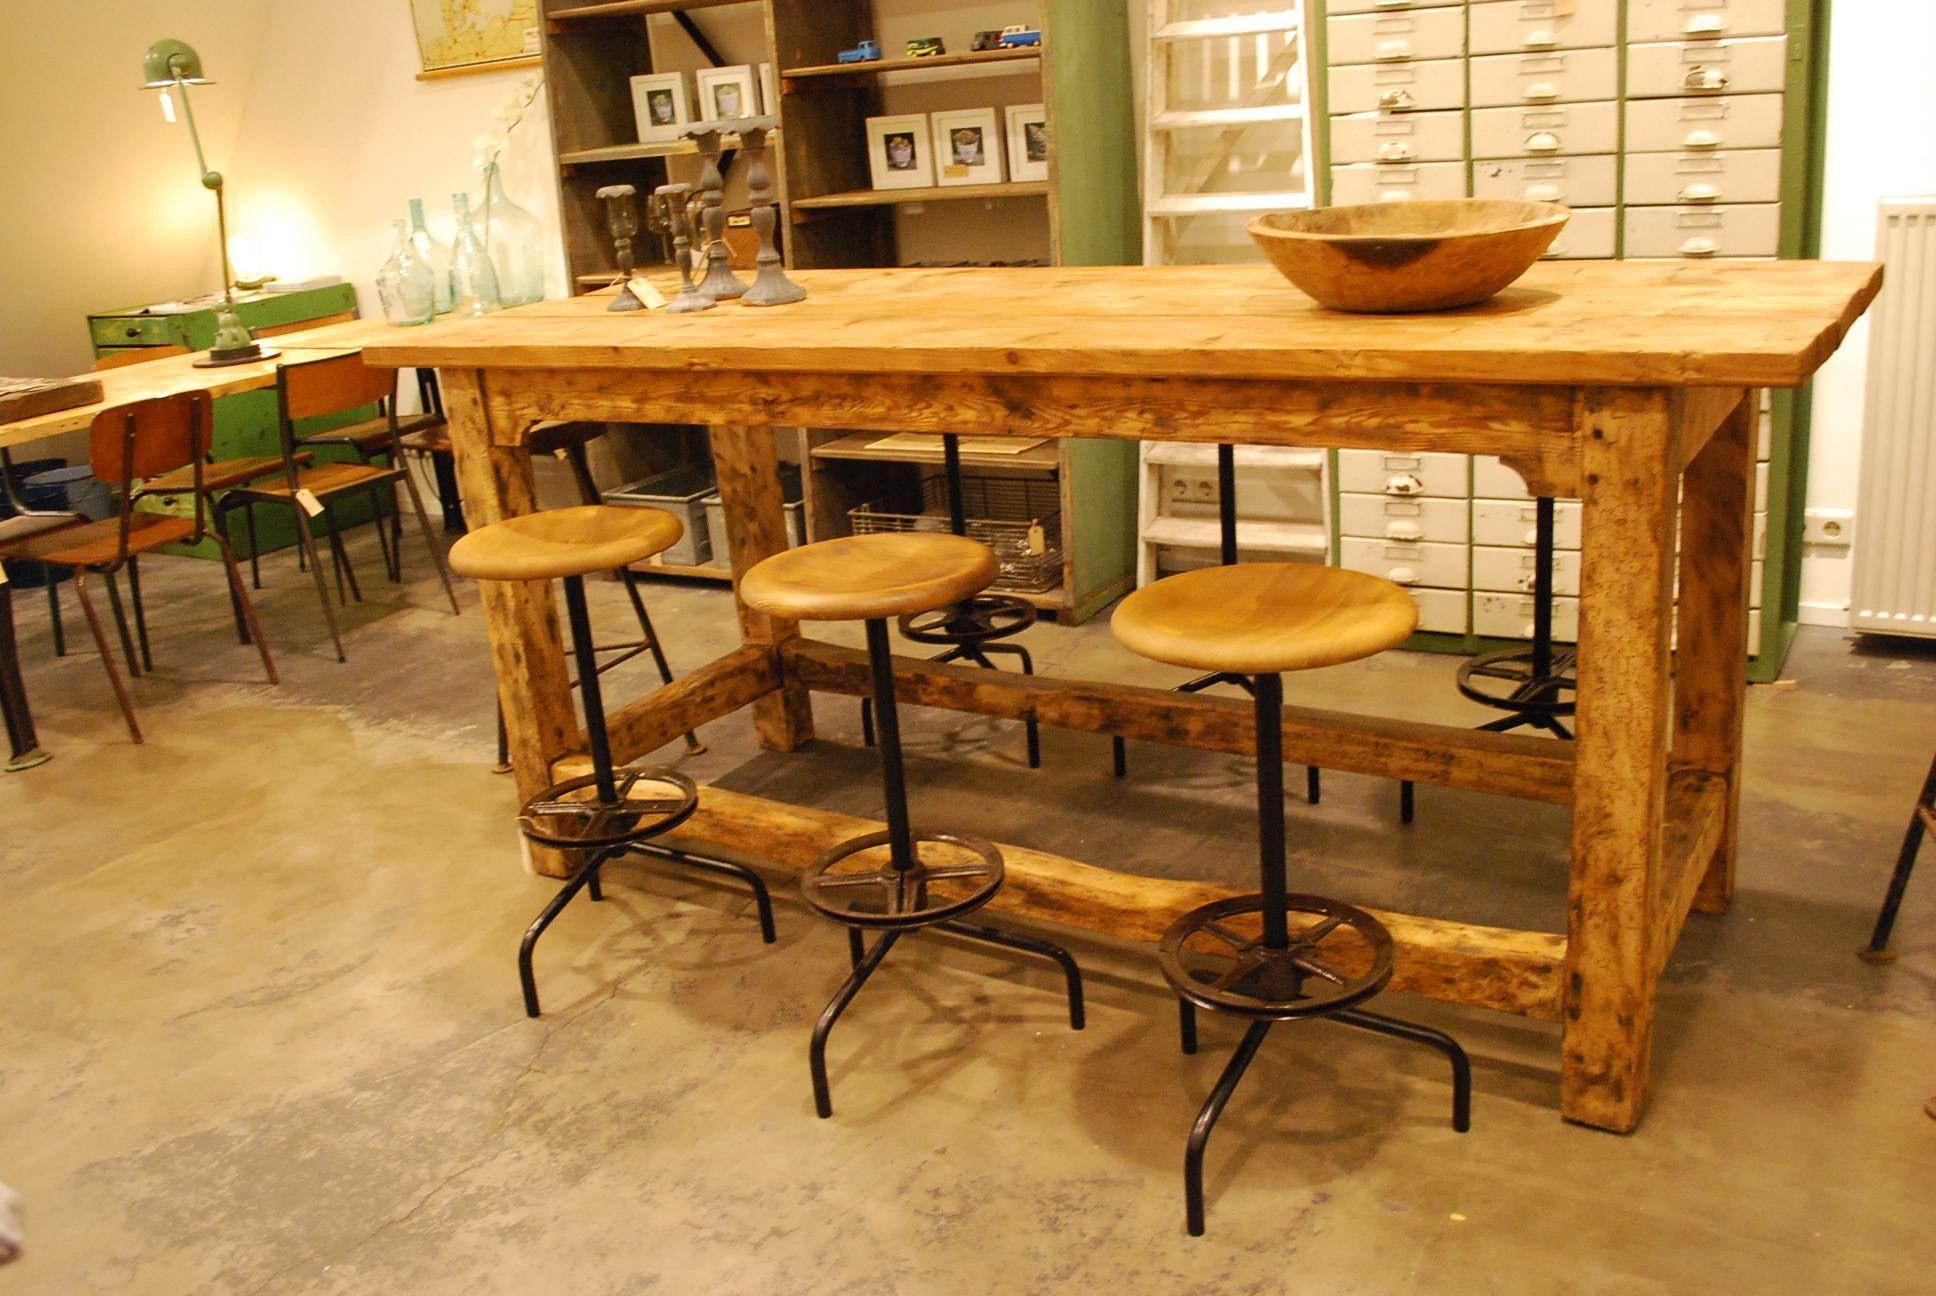 Stoere hoge tafel te gebruiken als werktafel bartafe stamtafel